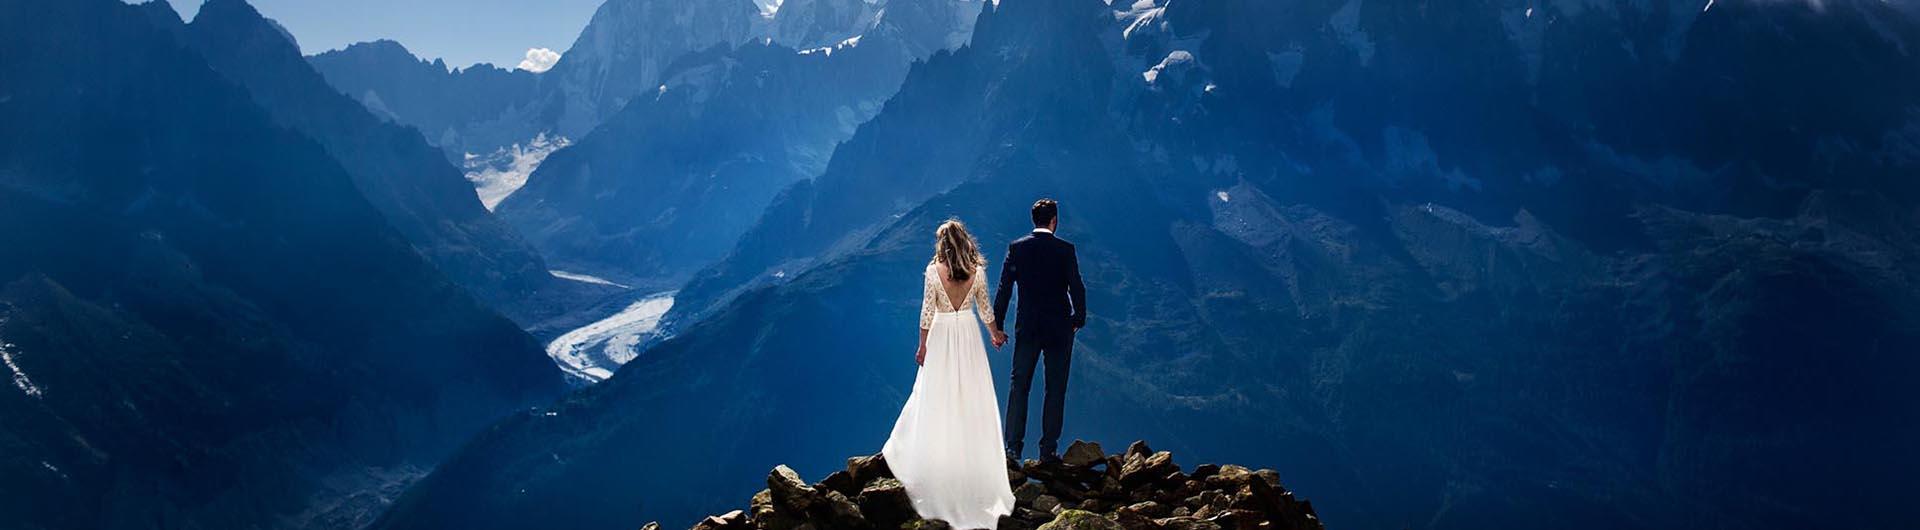 fotografo-matrimonio-piacenza-wide